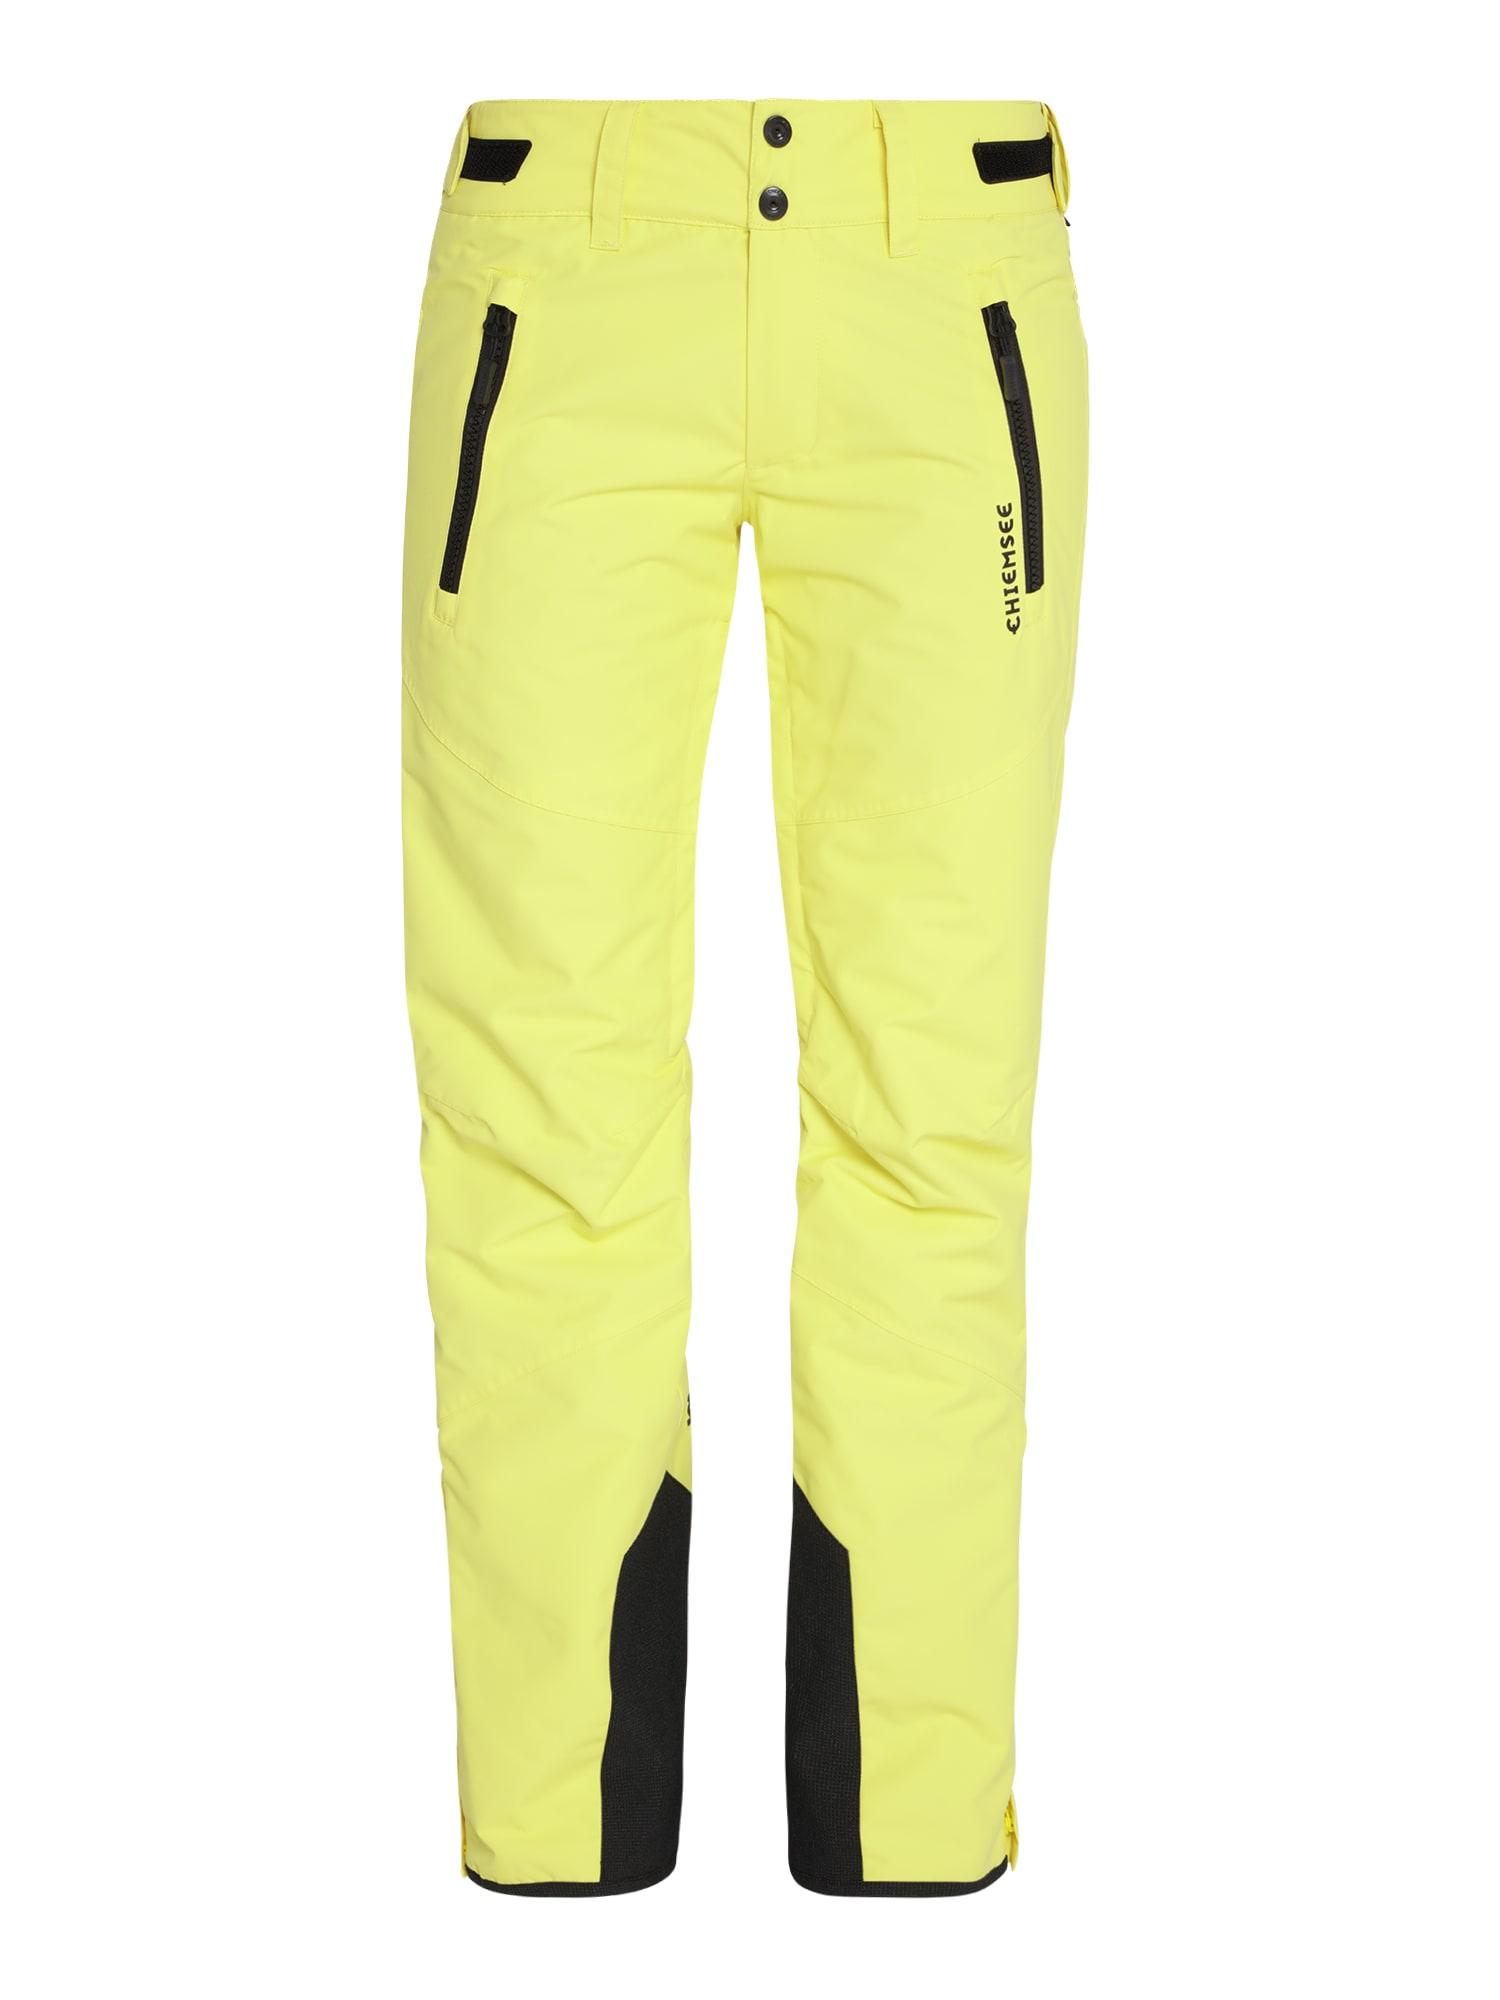 CHIEMSEE Sportinės kelnės geltona